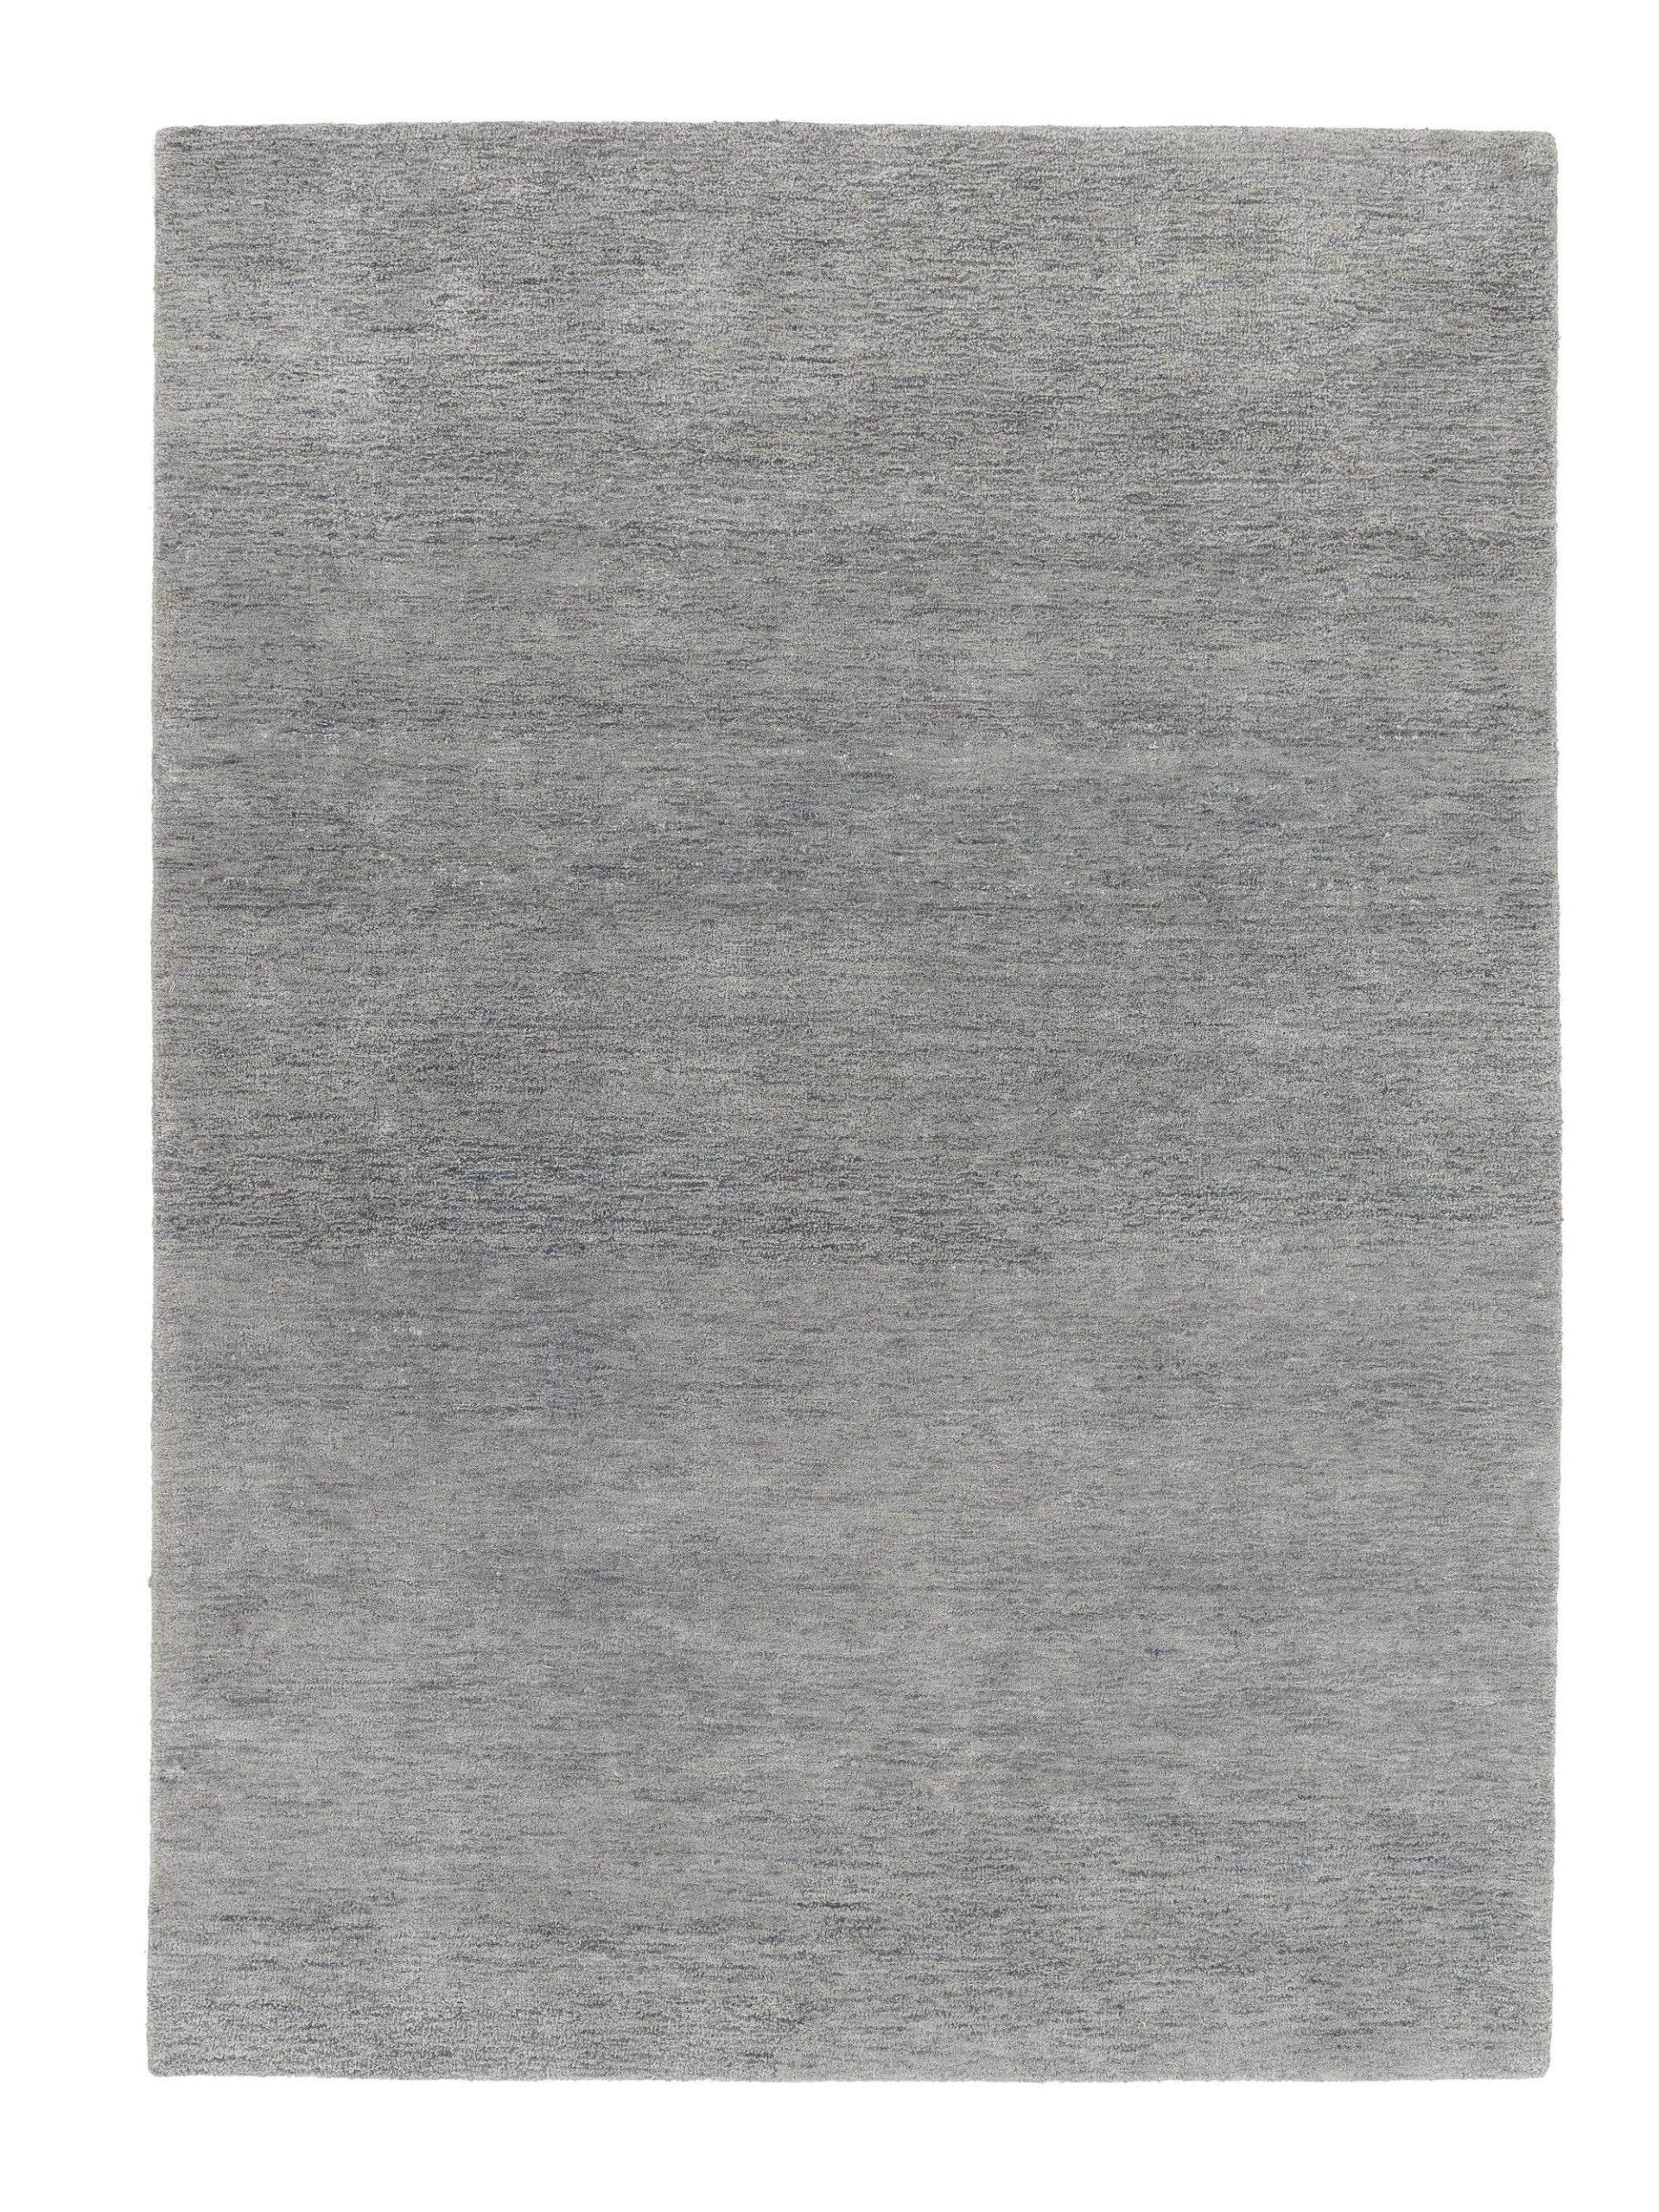 Full Size of Teppich Joop Soft Grau Wohnzimmer New Curly Vintage Cornflower Faded Croco Pattern Touch Designer Teppiche Fumatten Schlafzimmer Für Küche Esstisch Betten Wohnzimmer Teppich Joop